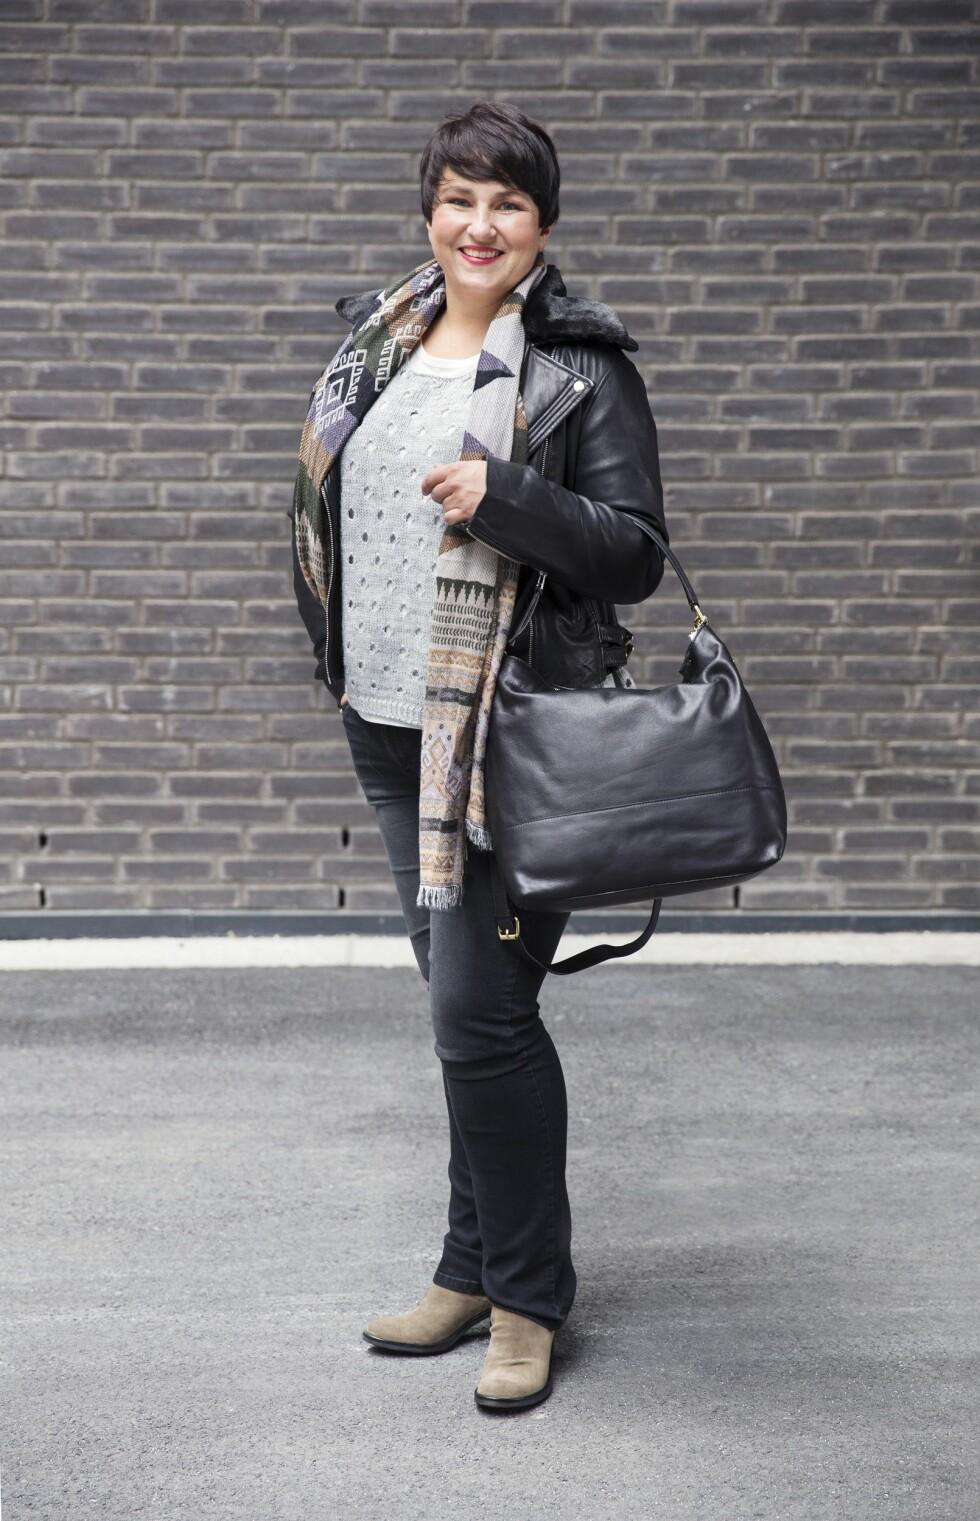 KLAR FOR JOBB: Skinnjakke (kr 3999, Anemone/Fashion & Brands), jeans (kr 499), t-skjorte (kr 199), genser (kr 499) og skjerf (kr 299, alt fra Mappstore). Støvler (kr 2199, Shoe+Shoe) og veske (kr 799, Lindex). Det er både kult og komfortabelt at strikkejakken eller genseren henger nedenfor skinnjakken. Foto: Yvonne Wilhelmsen